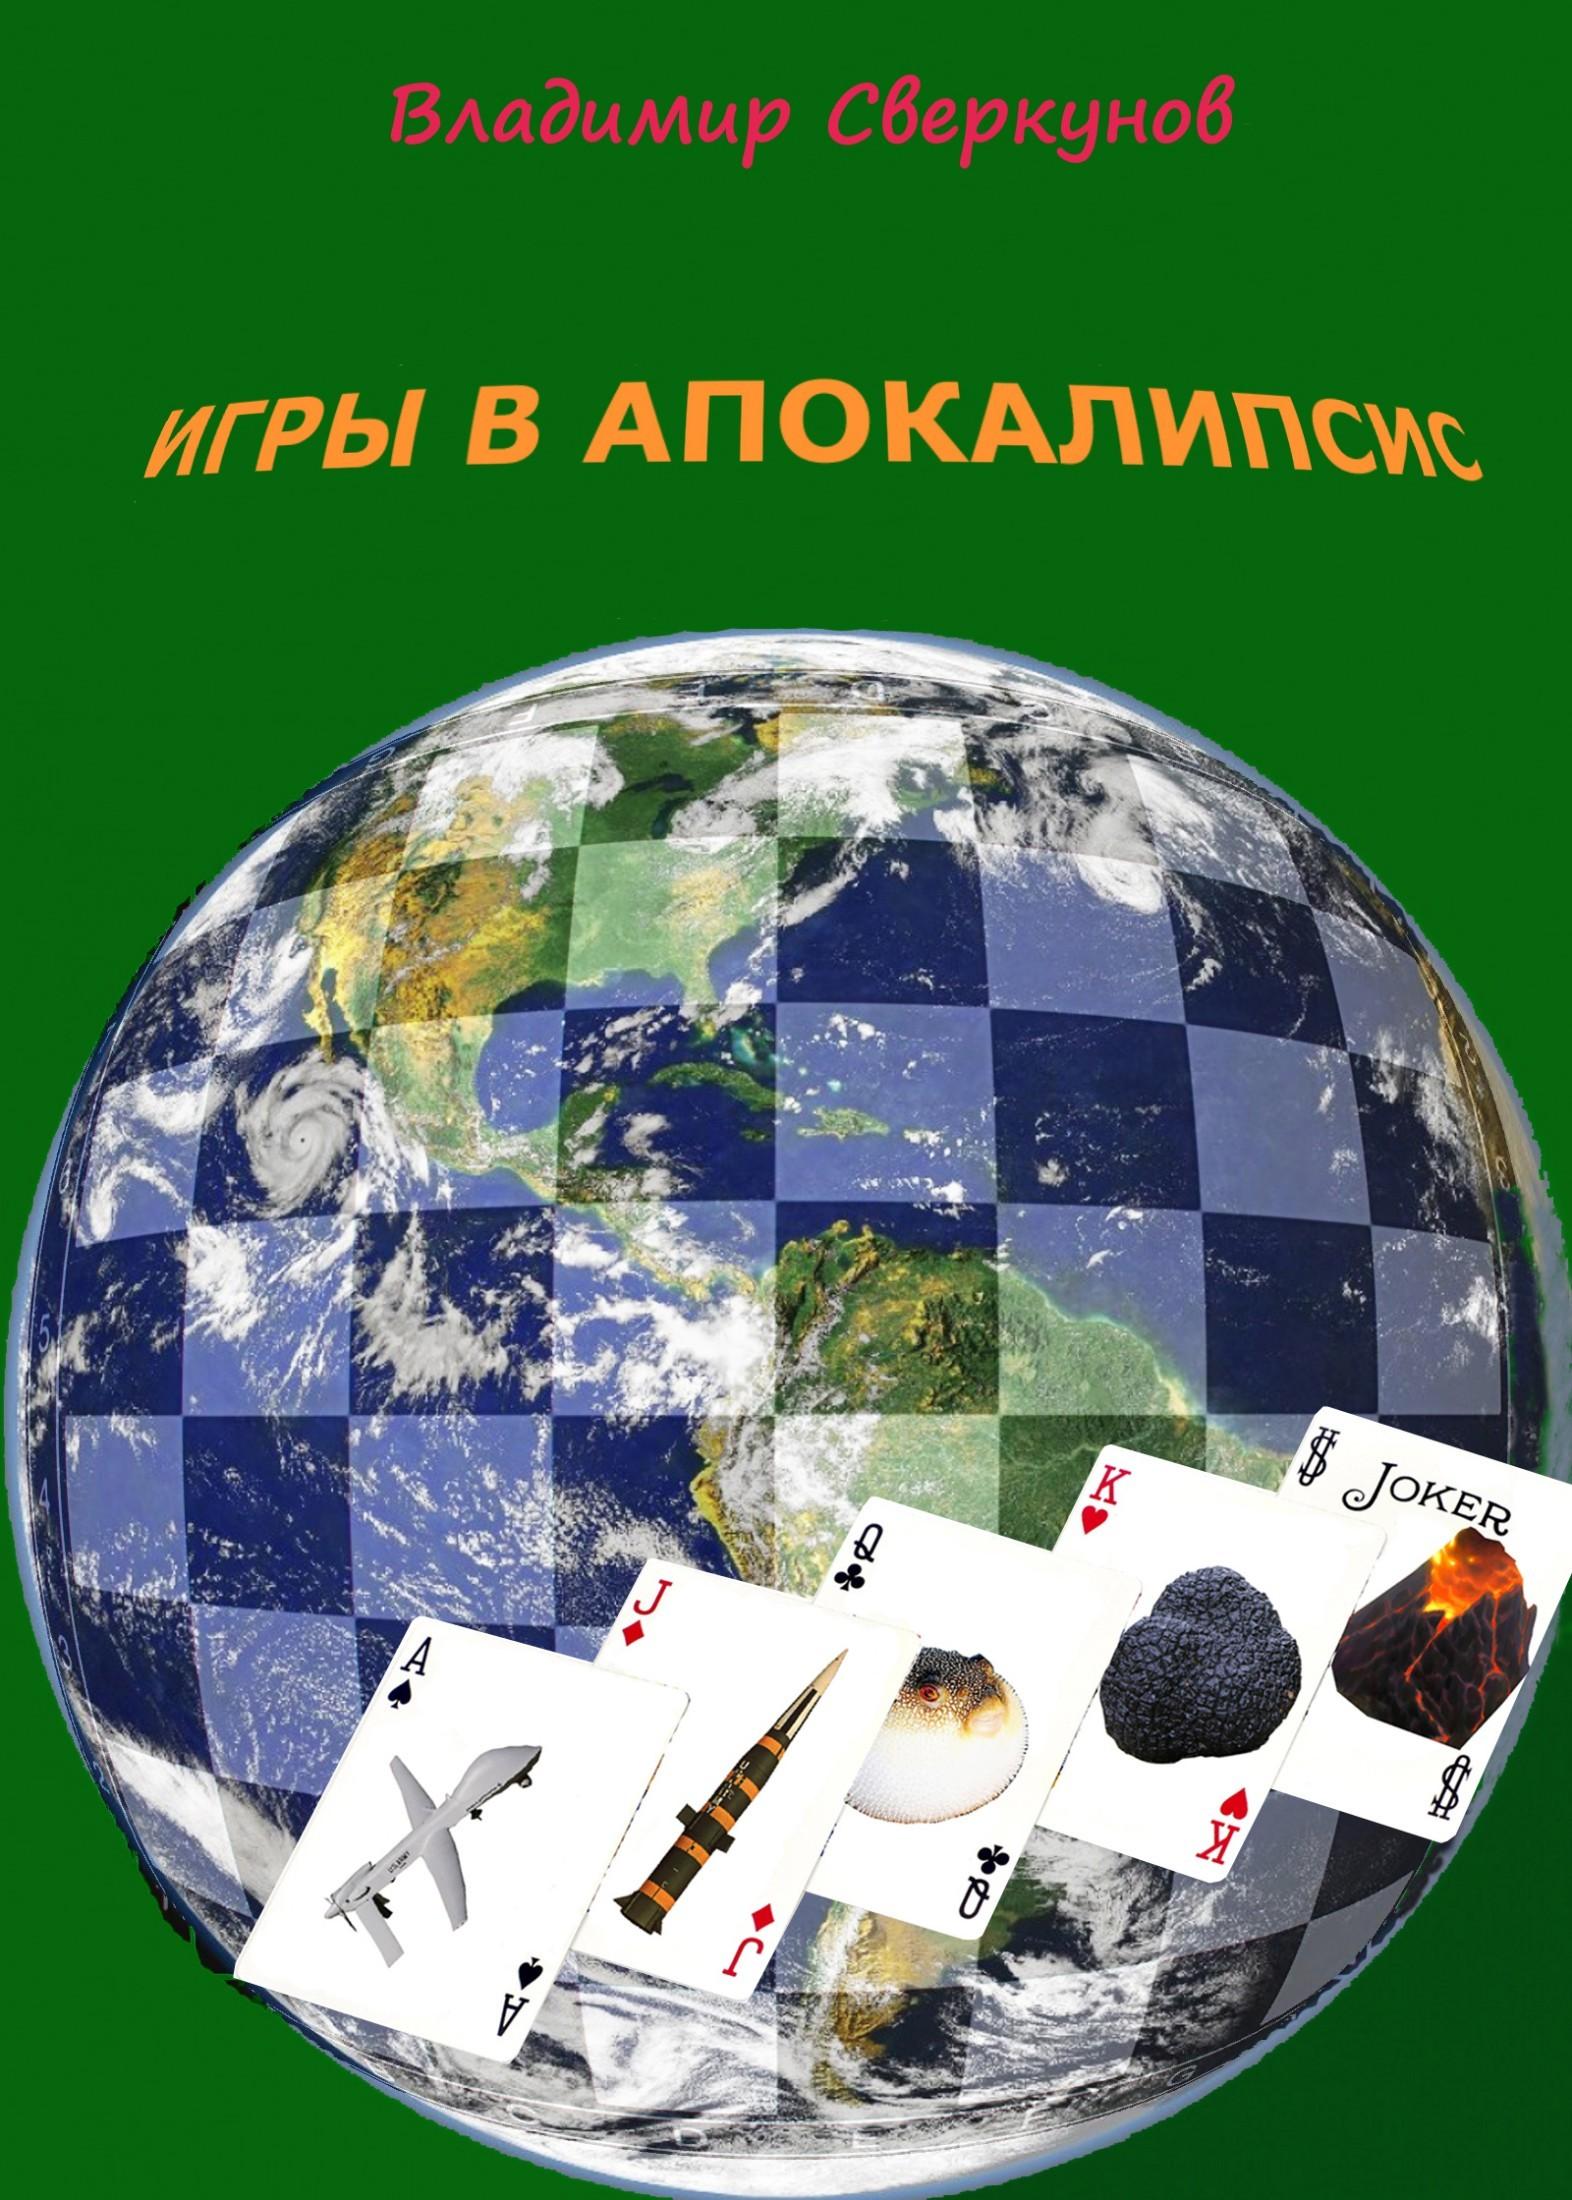 Владимир Сверкунов - Игры в апокалипсис